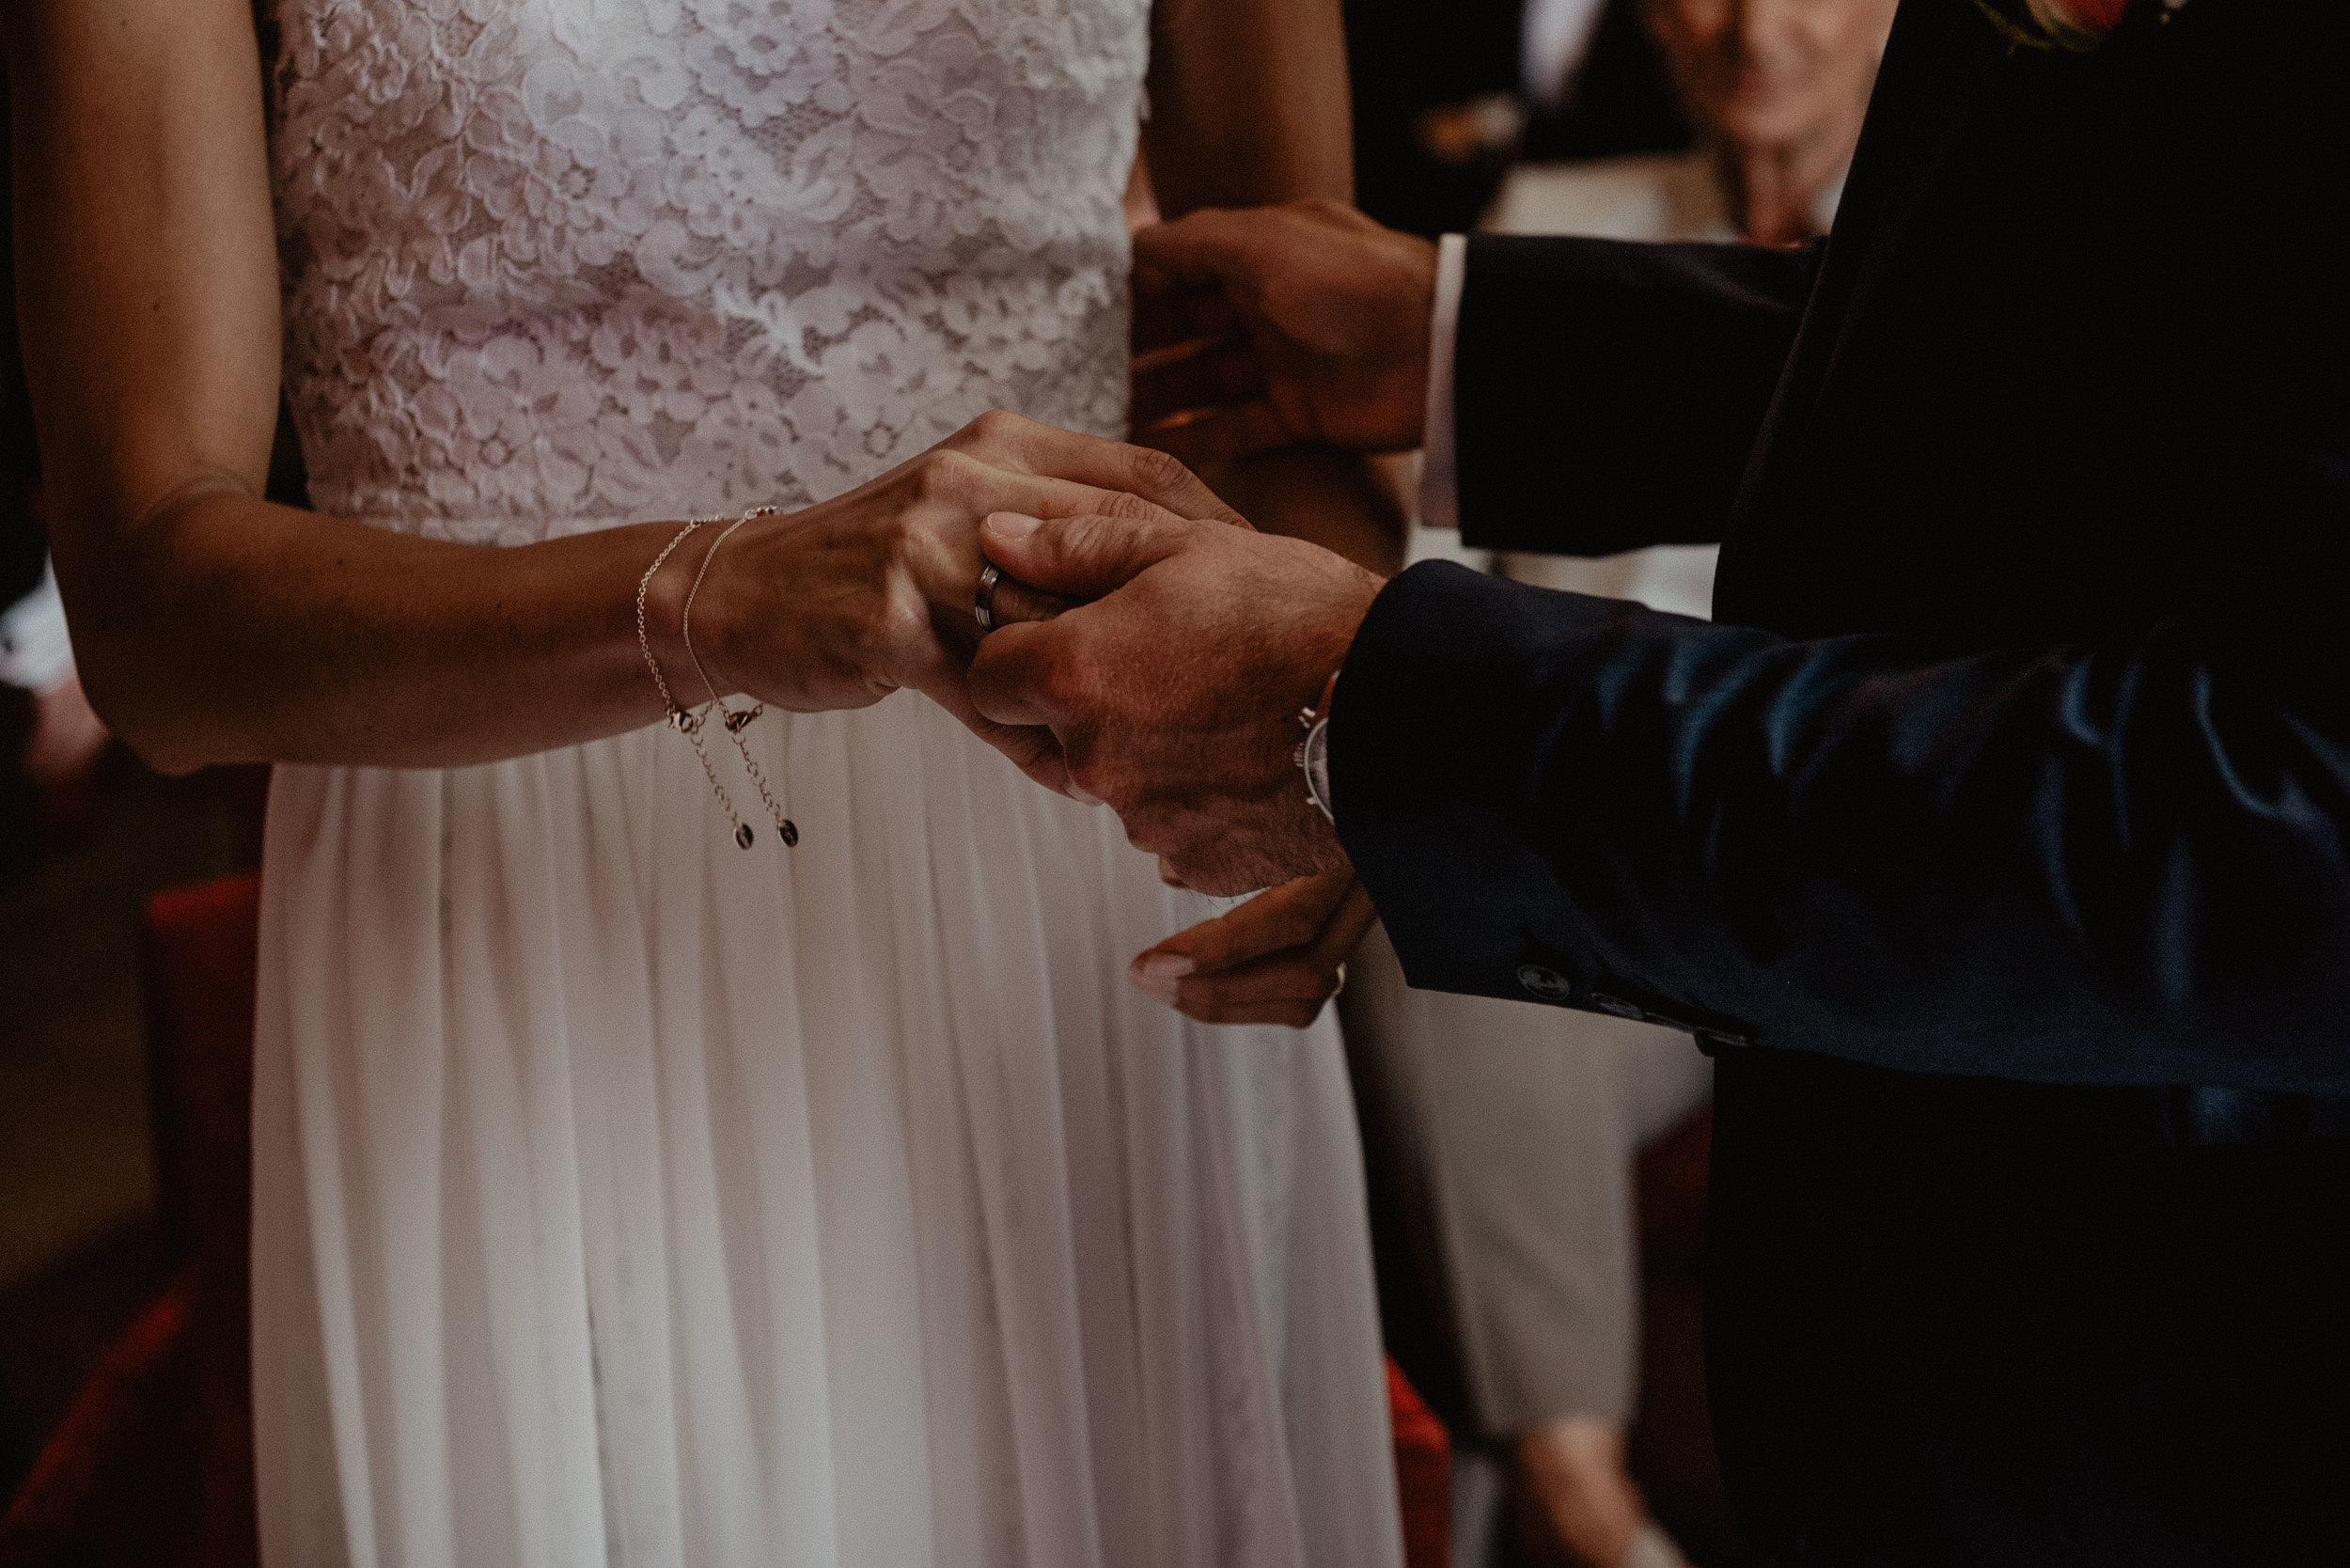 Elena und Michael_Wedding 18.5.2018 Hochzeit-2793.jpg